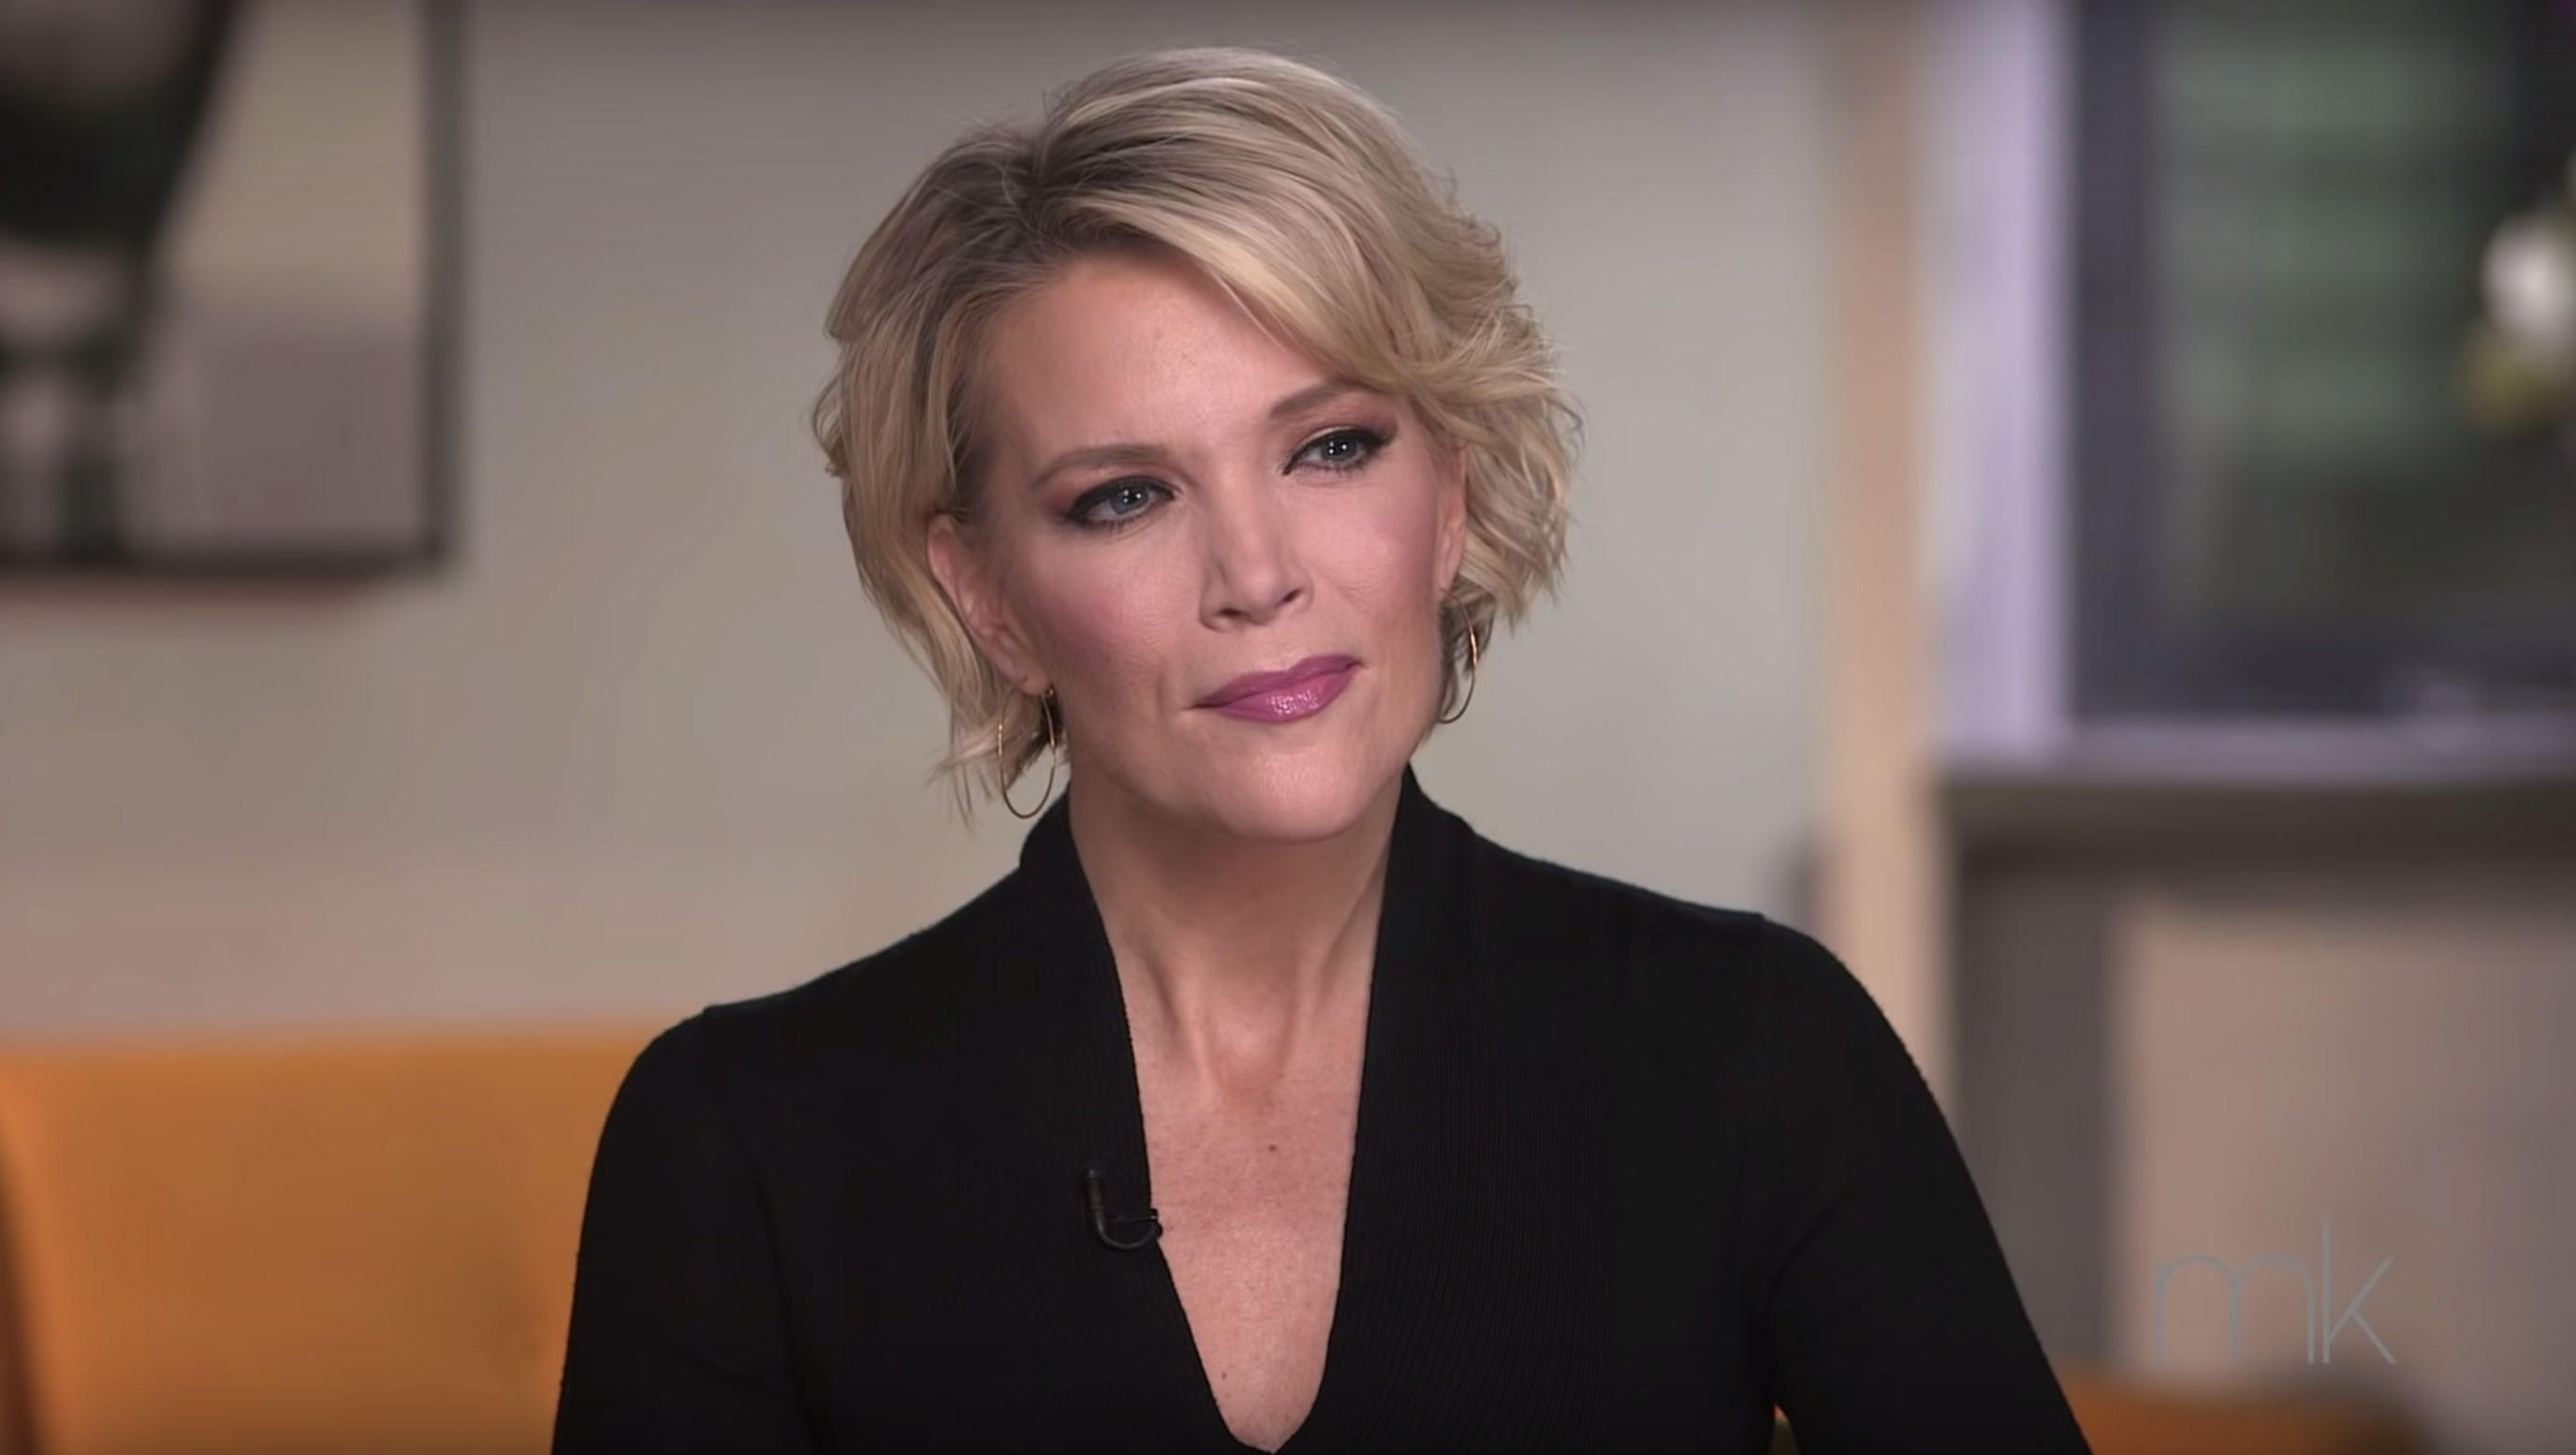 Megyn Kelly Responds To 'bombshell' Movie, Recalls Inside Women Of Fox News Calendar